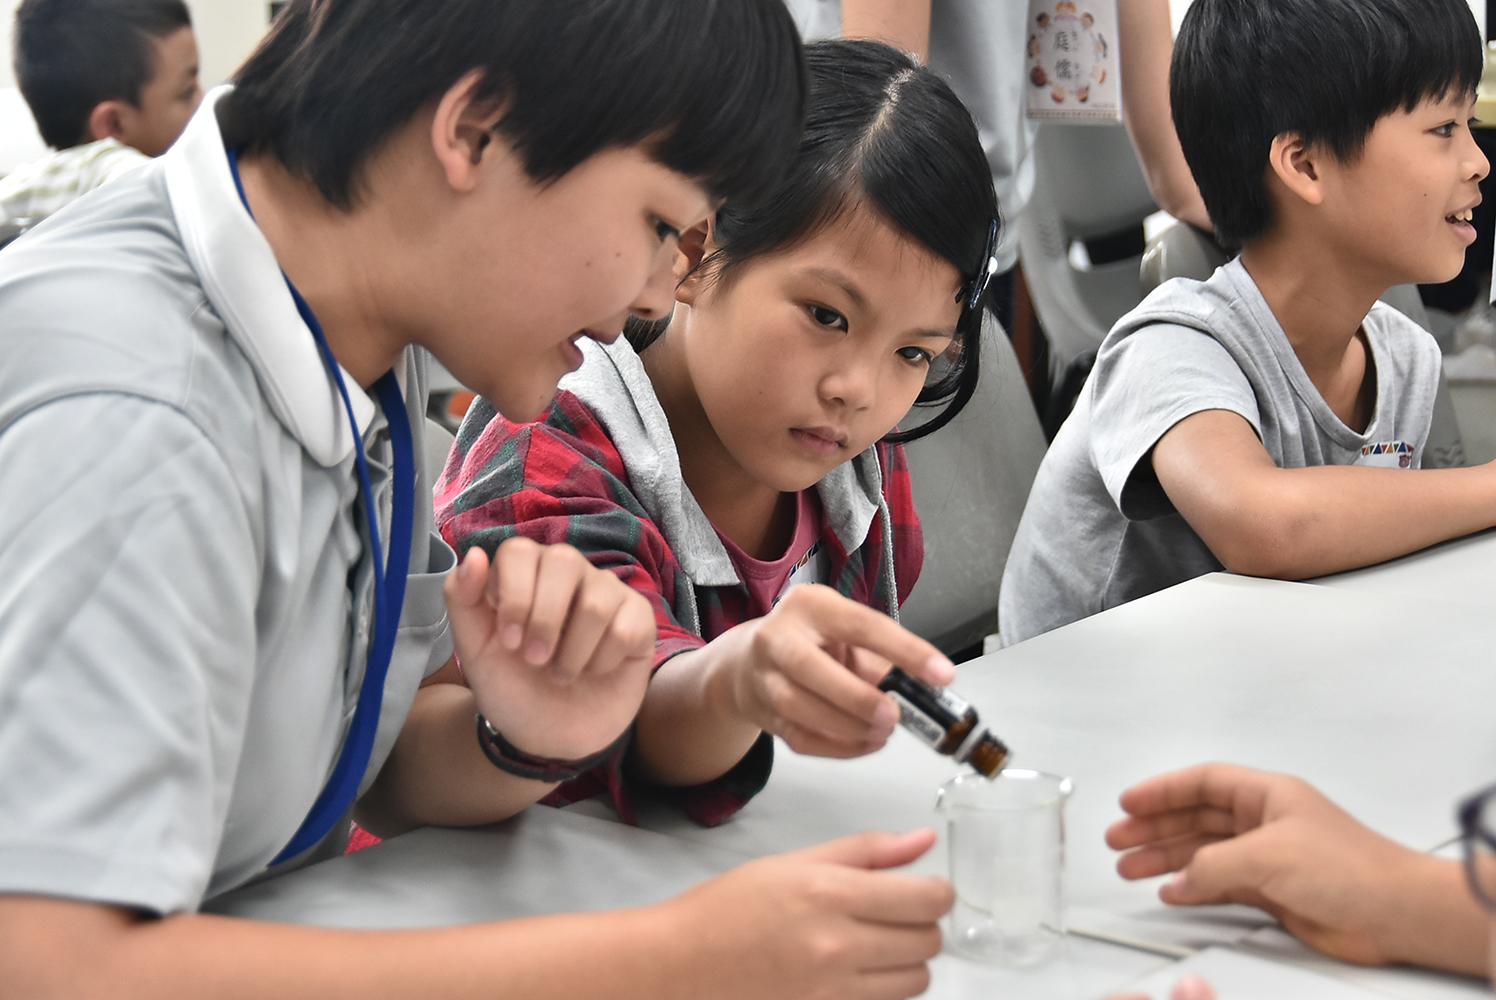 慈濟科技大學生帶領小朋友自製天然防蚊液。